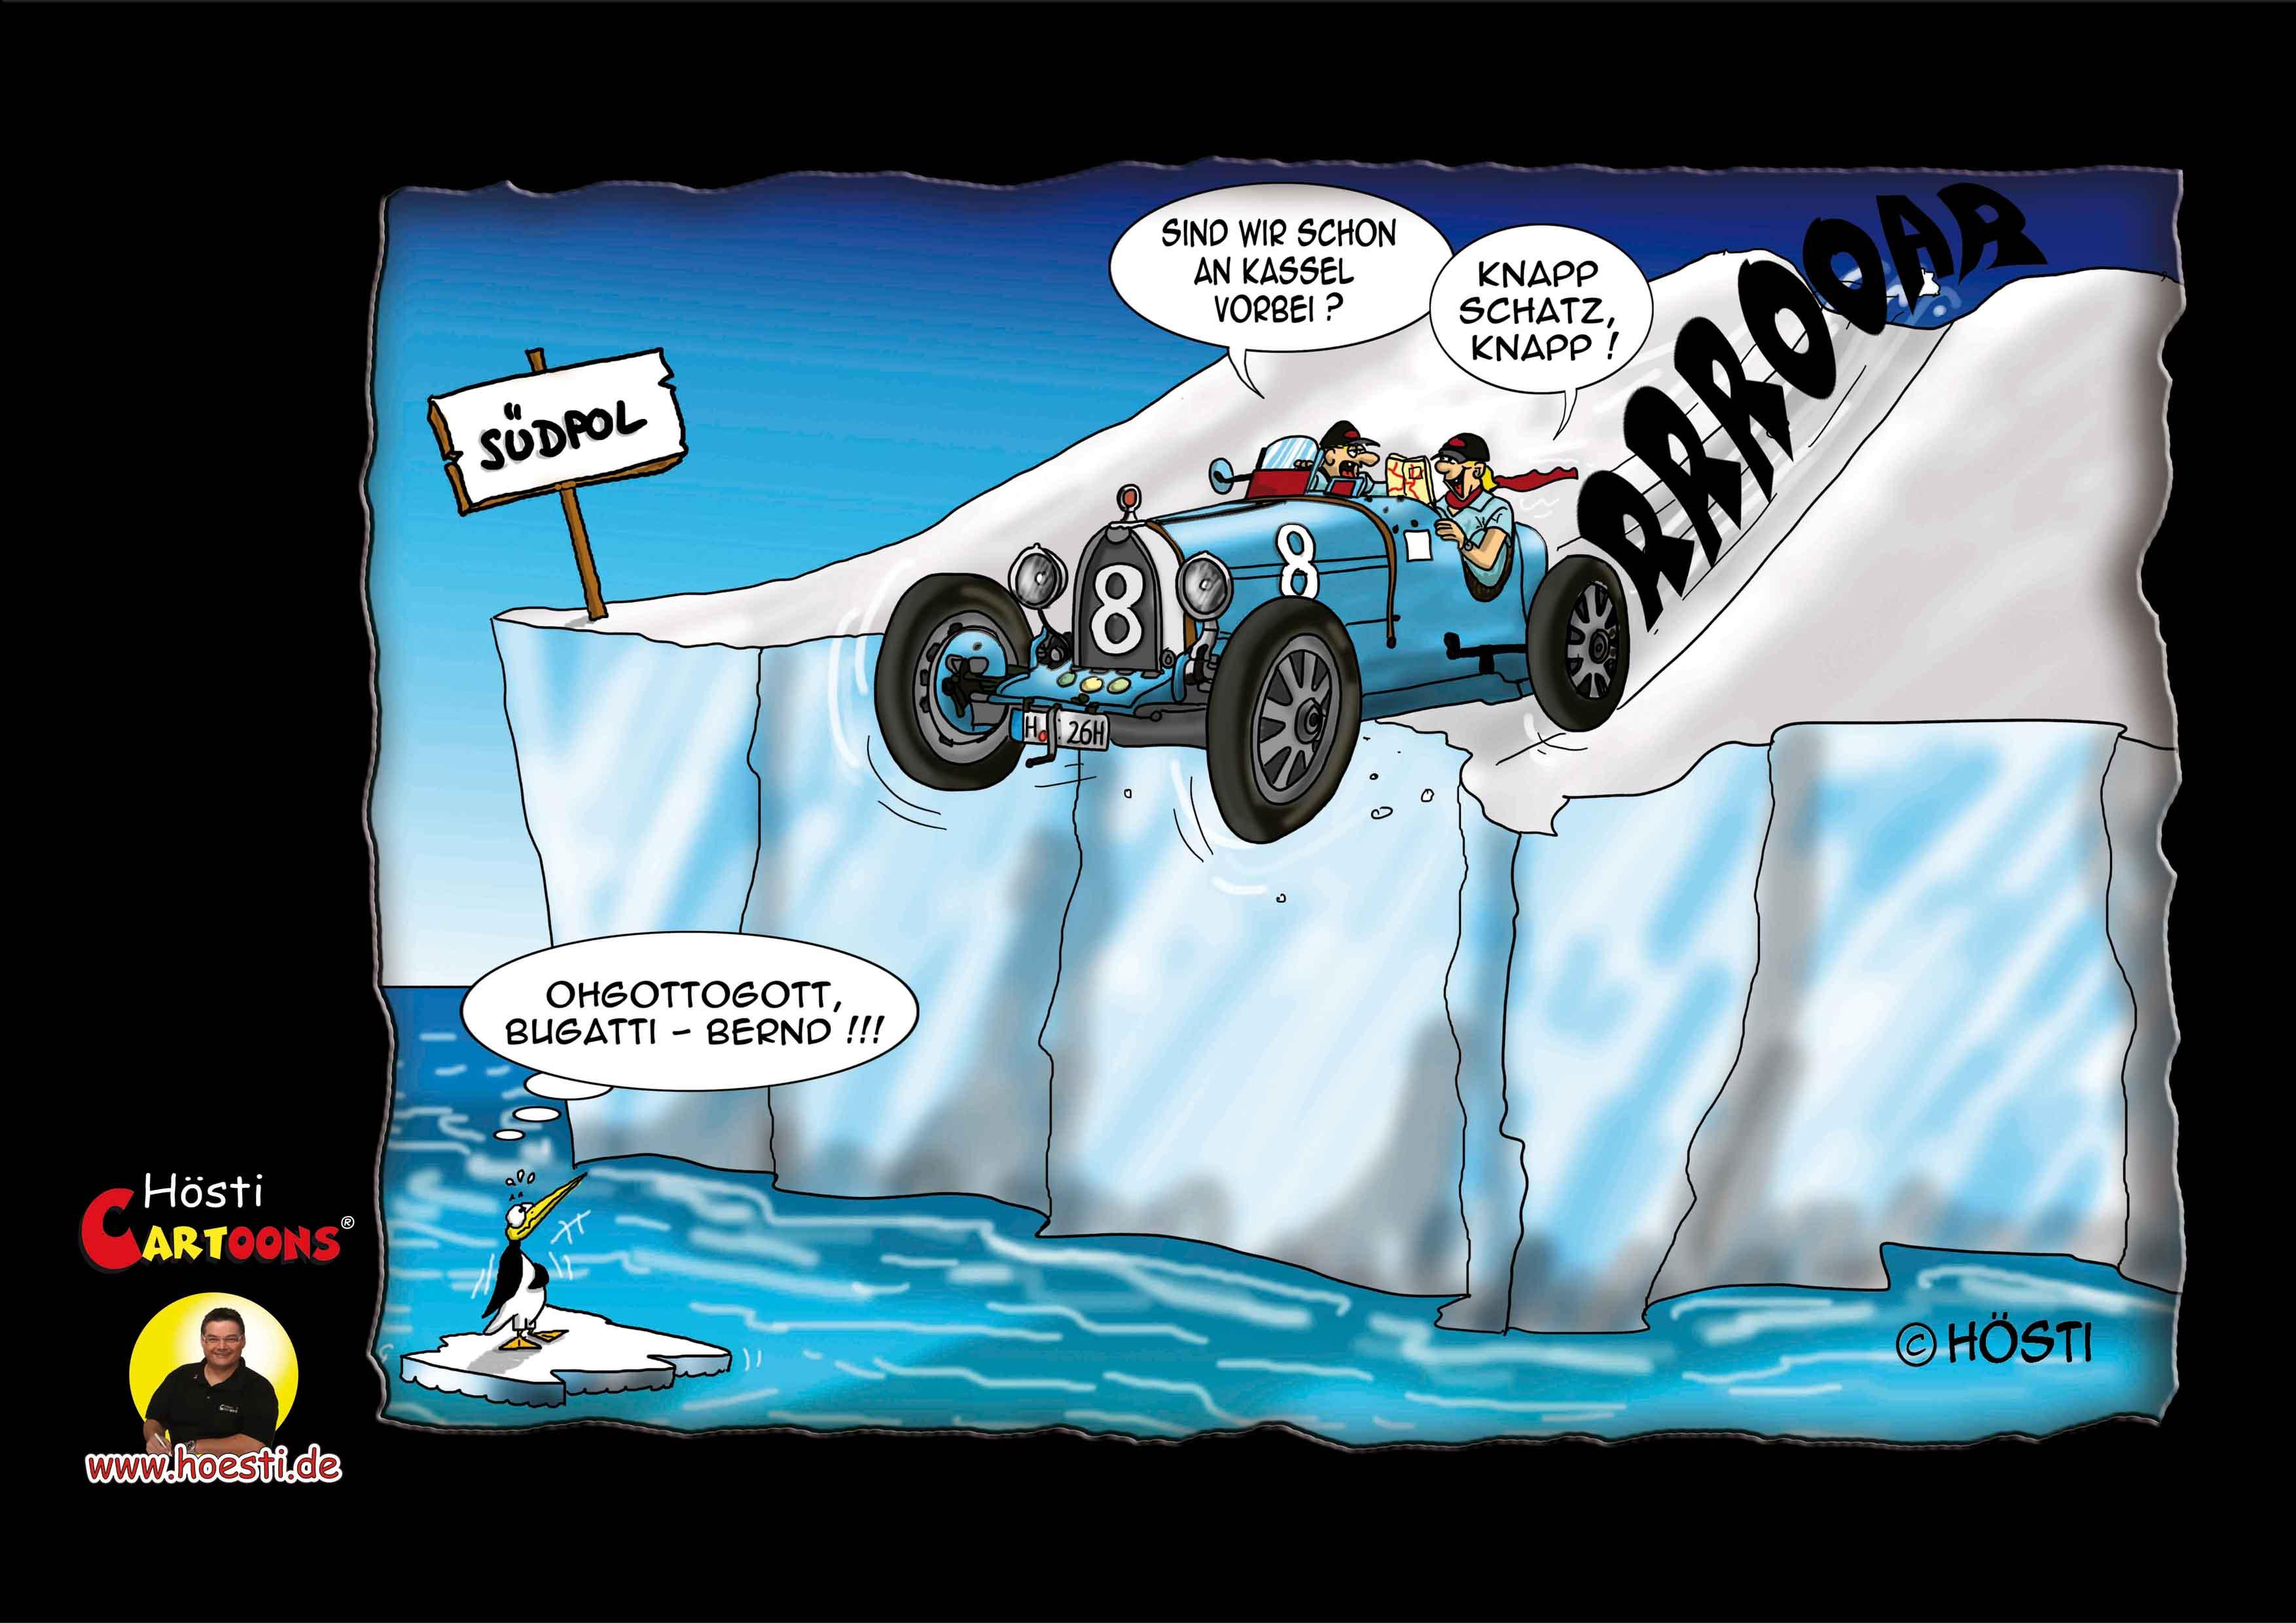 Bugatti bernd 2